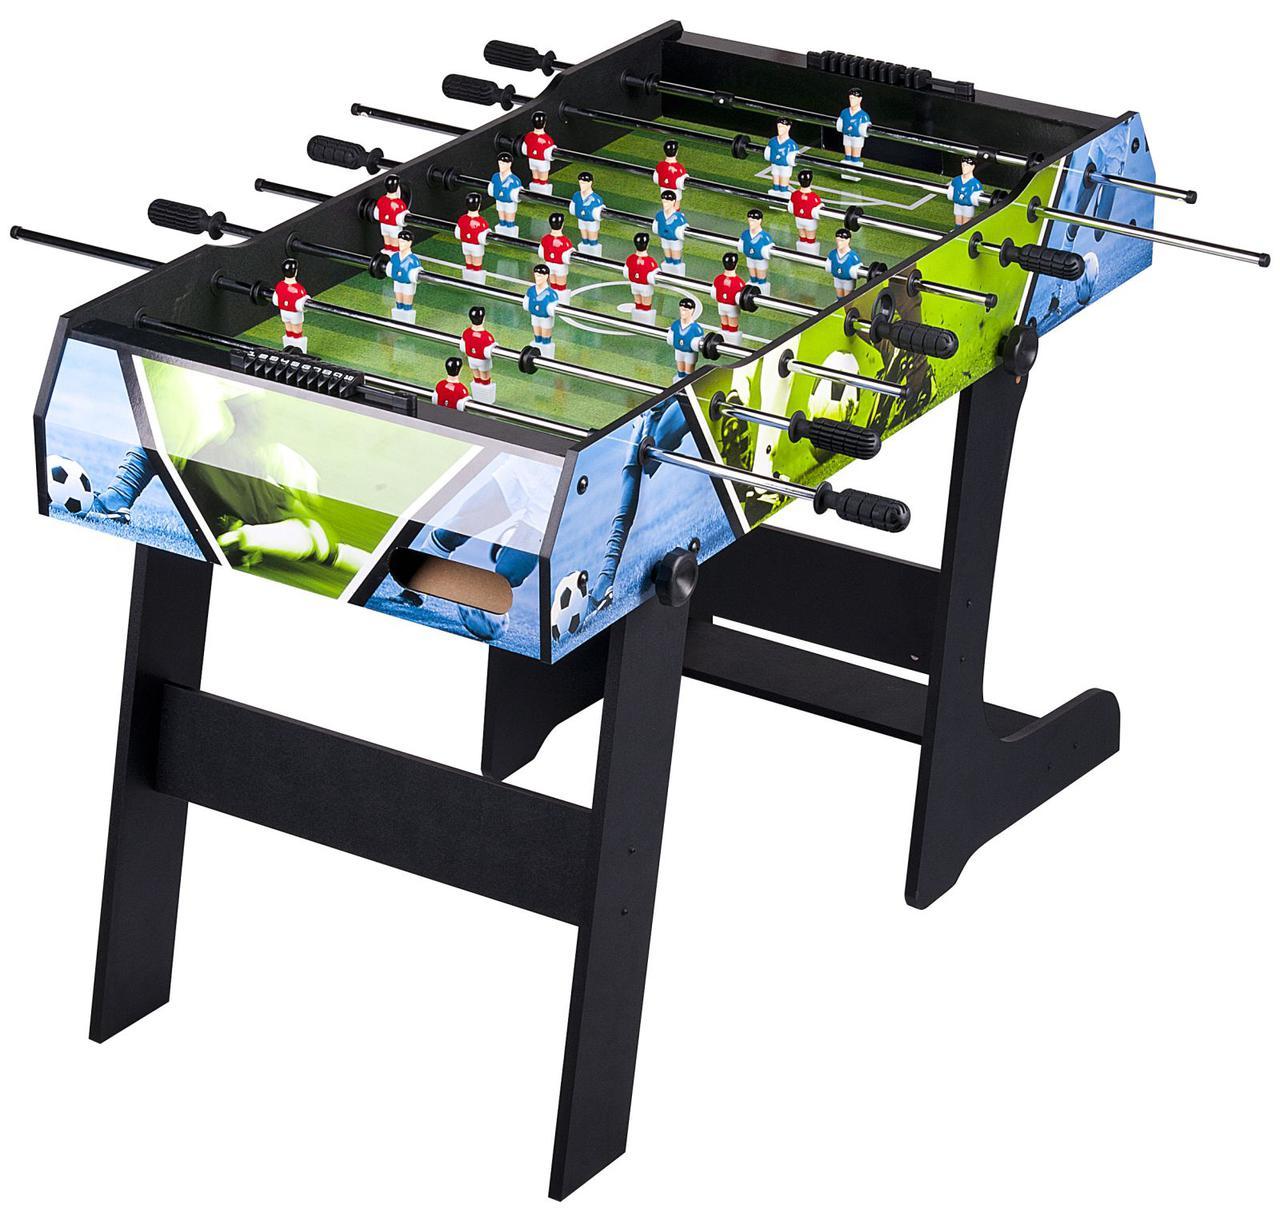 Настольный футбол Smart Football складной, игровой стол футбол - 121,5 x 67 x 82 см, кикер